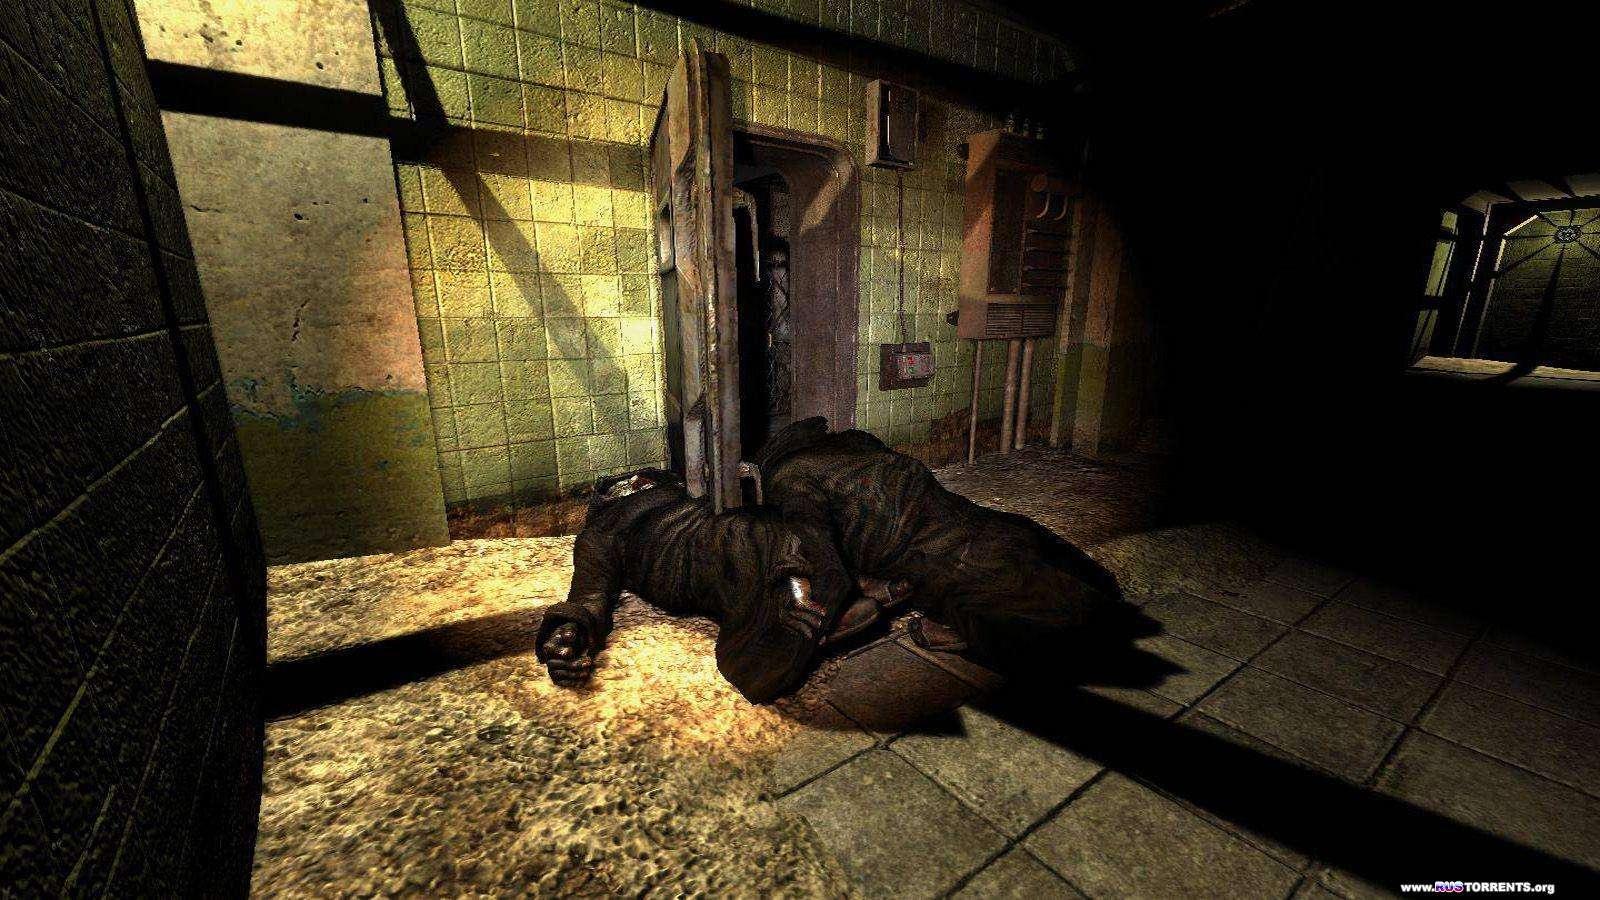 S.T.A.L.K.E.R.: Тень Чернобыля - Путь человека | PC